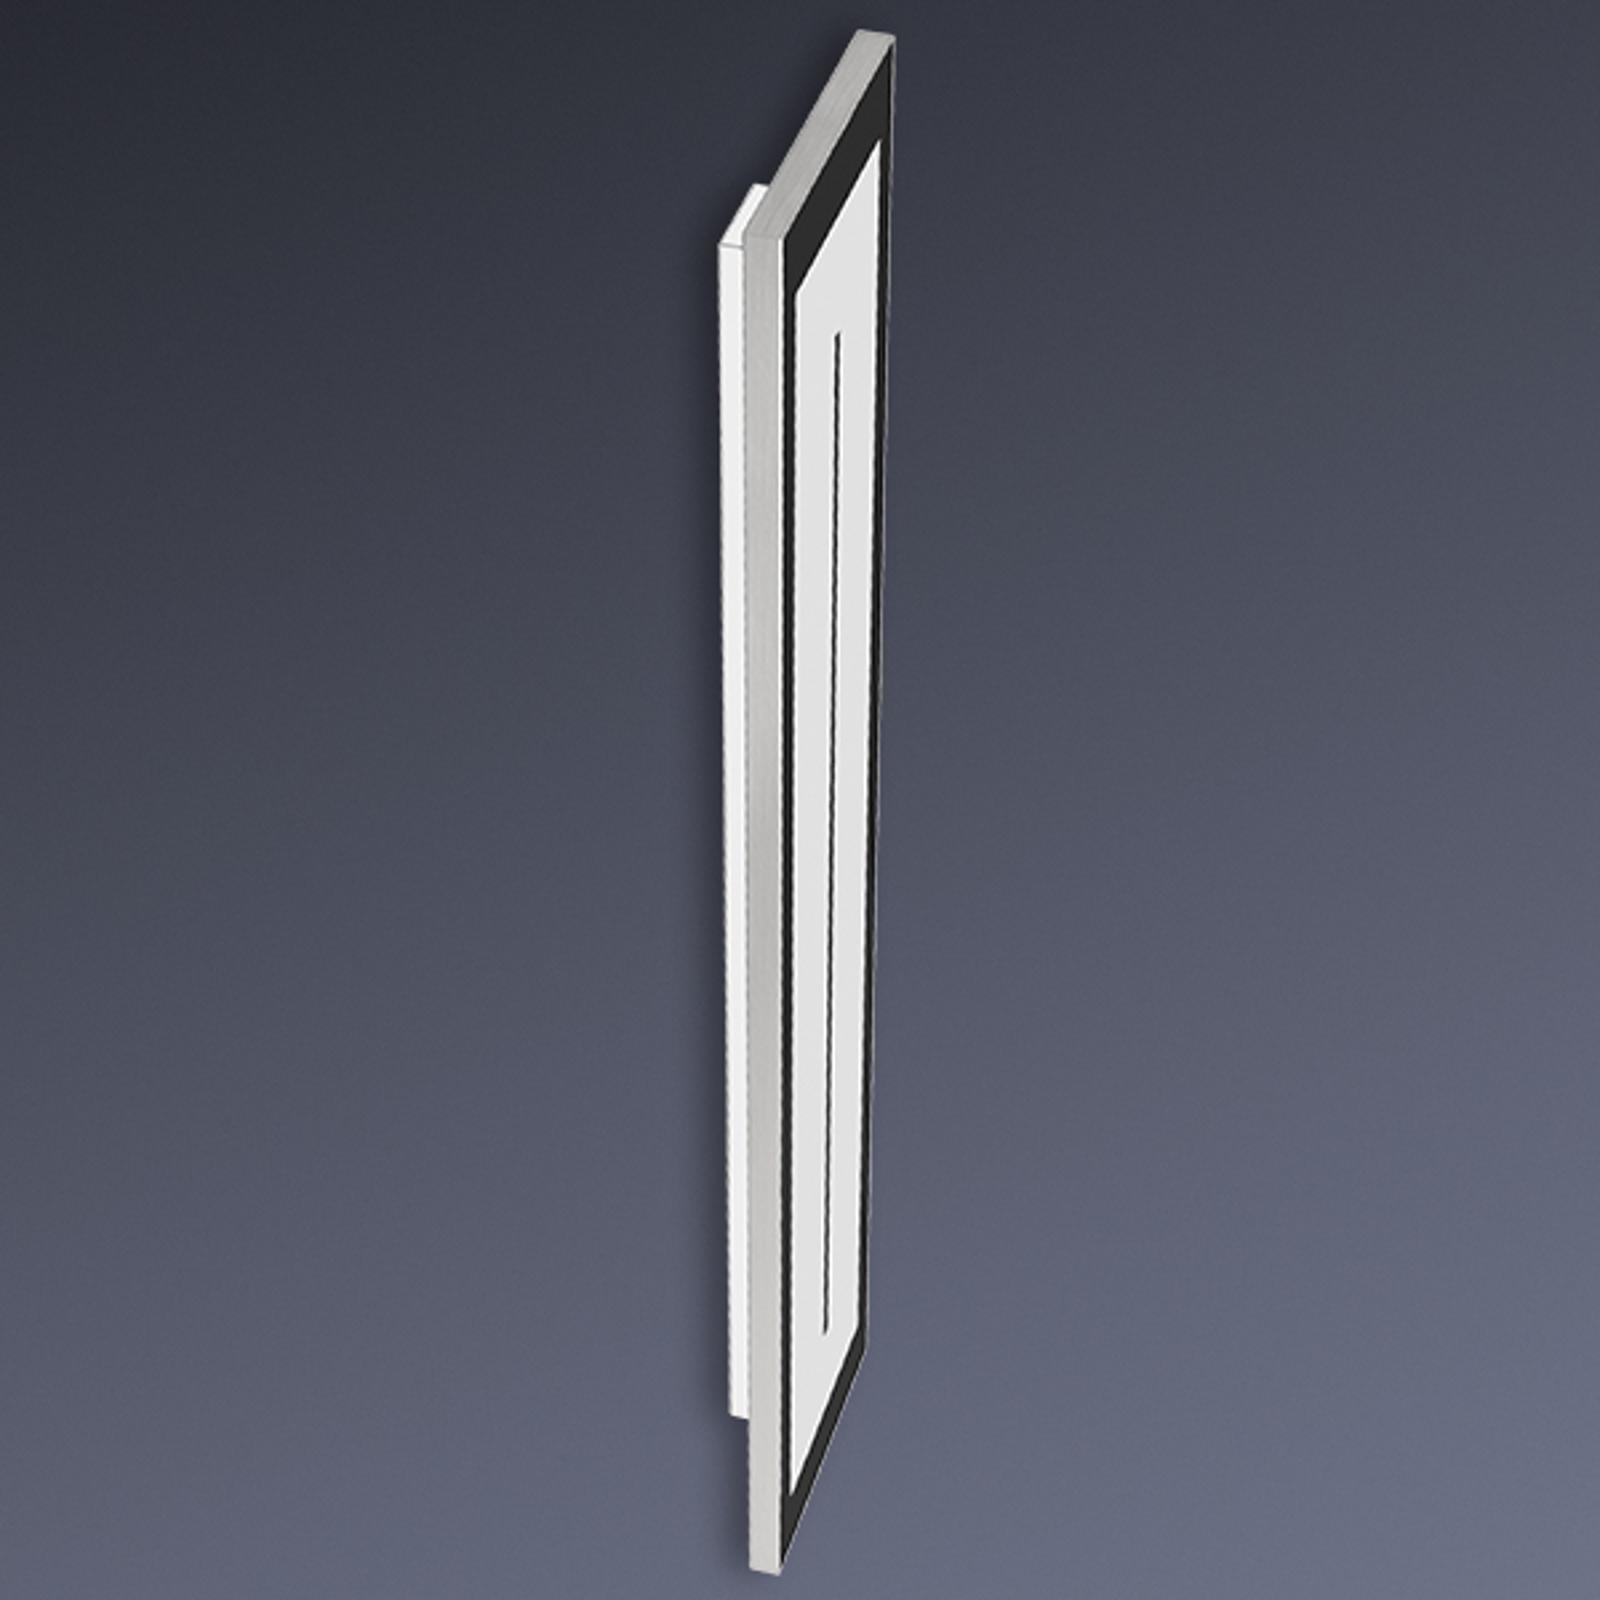 108 cm hoog - LED-wandlamp Zen